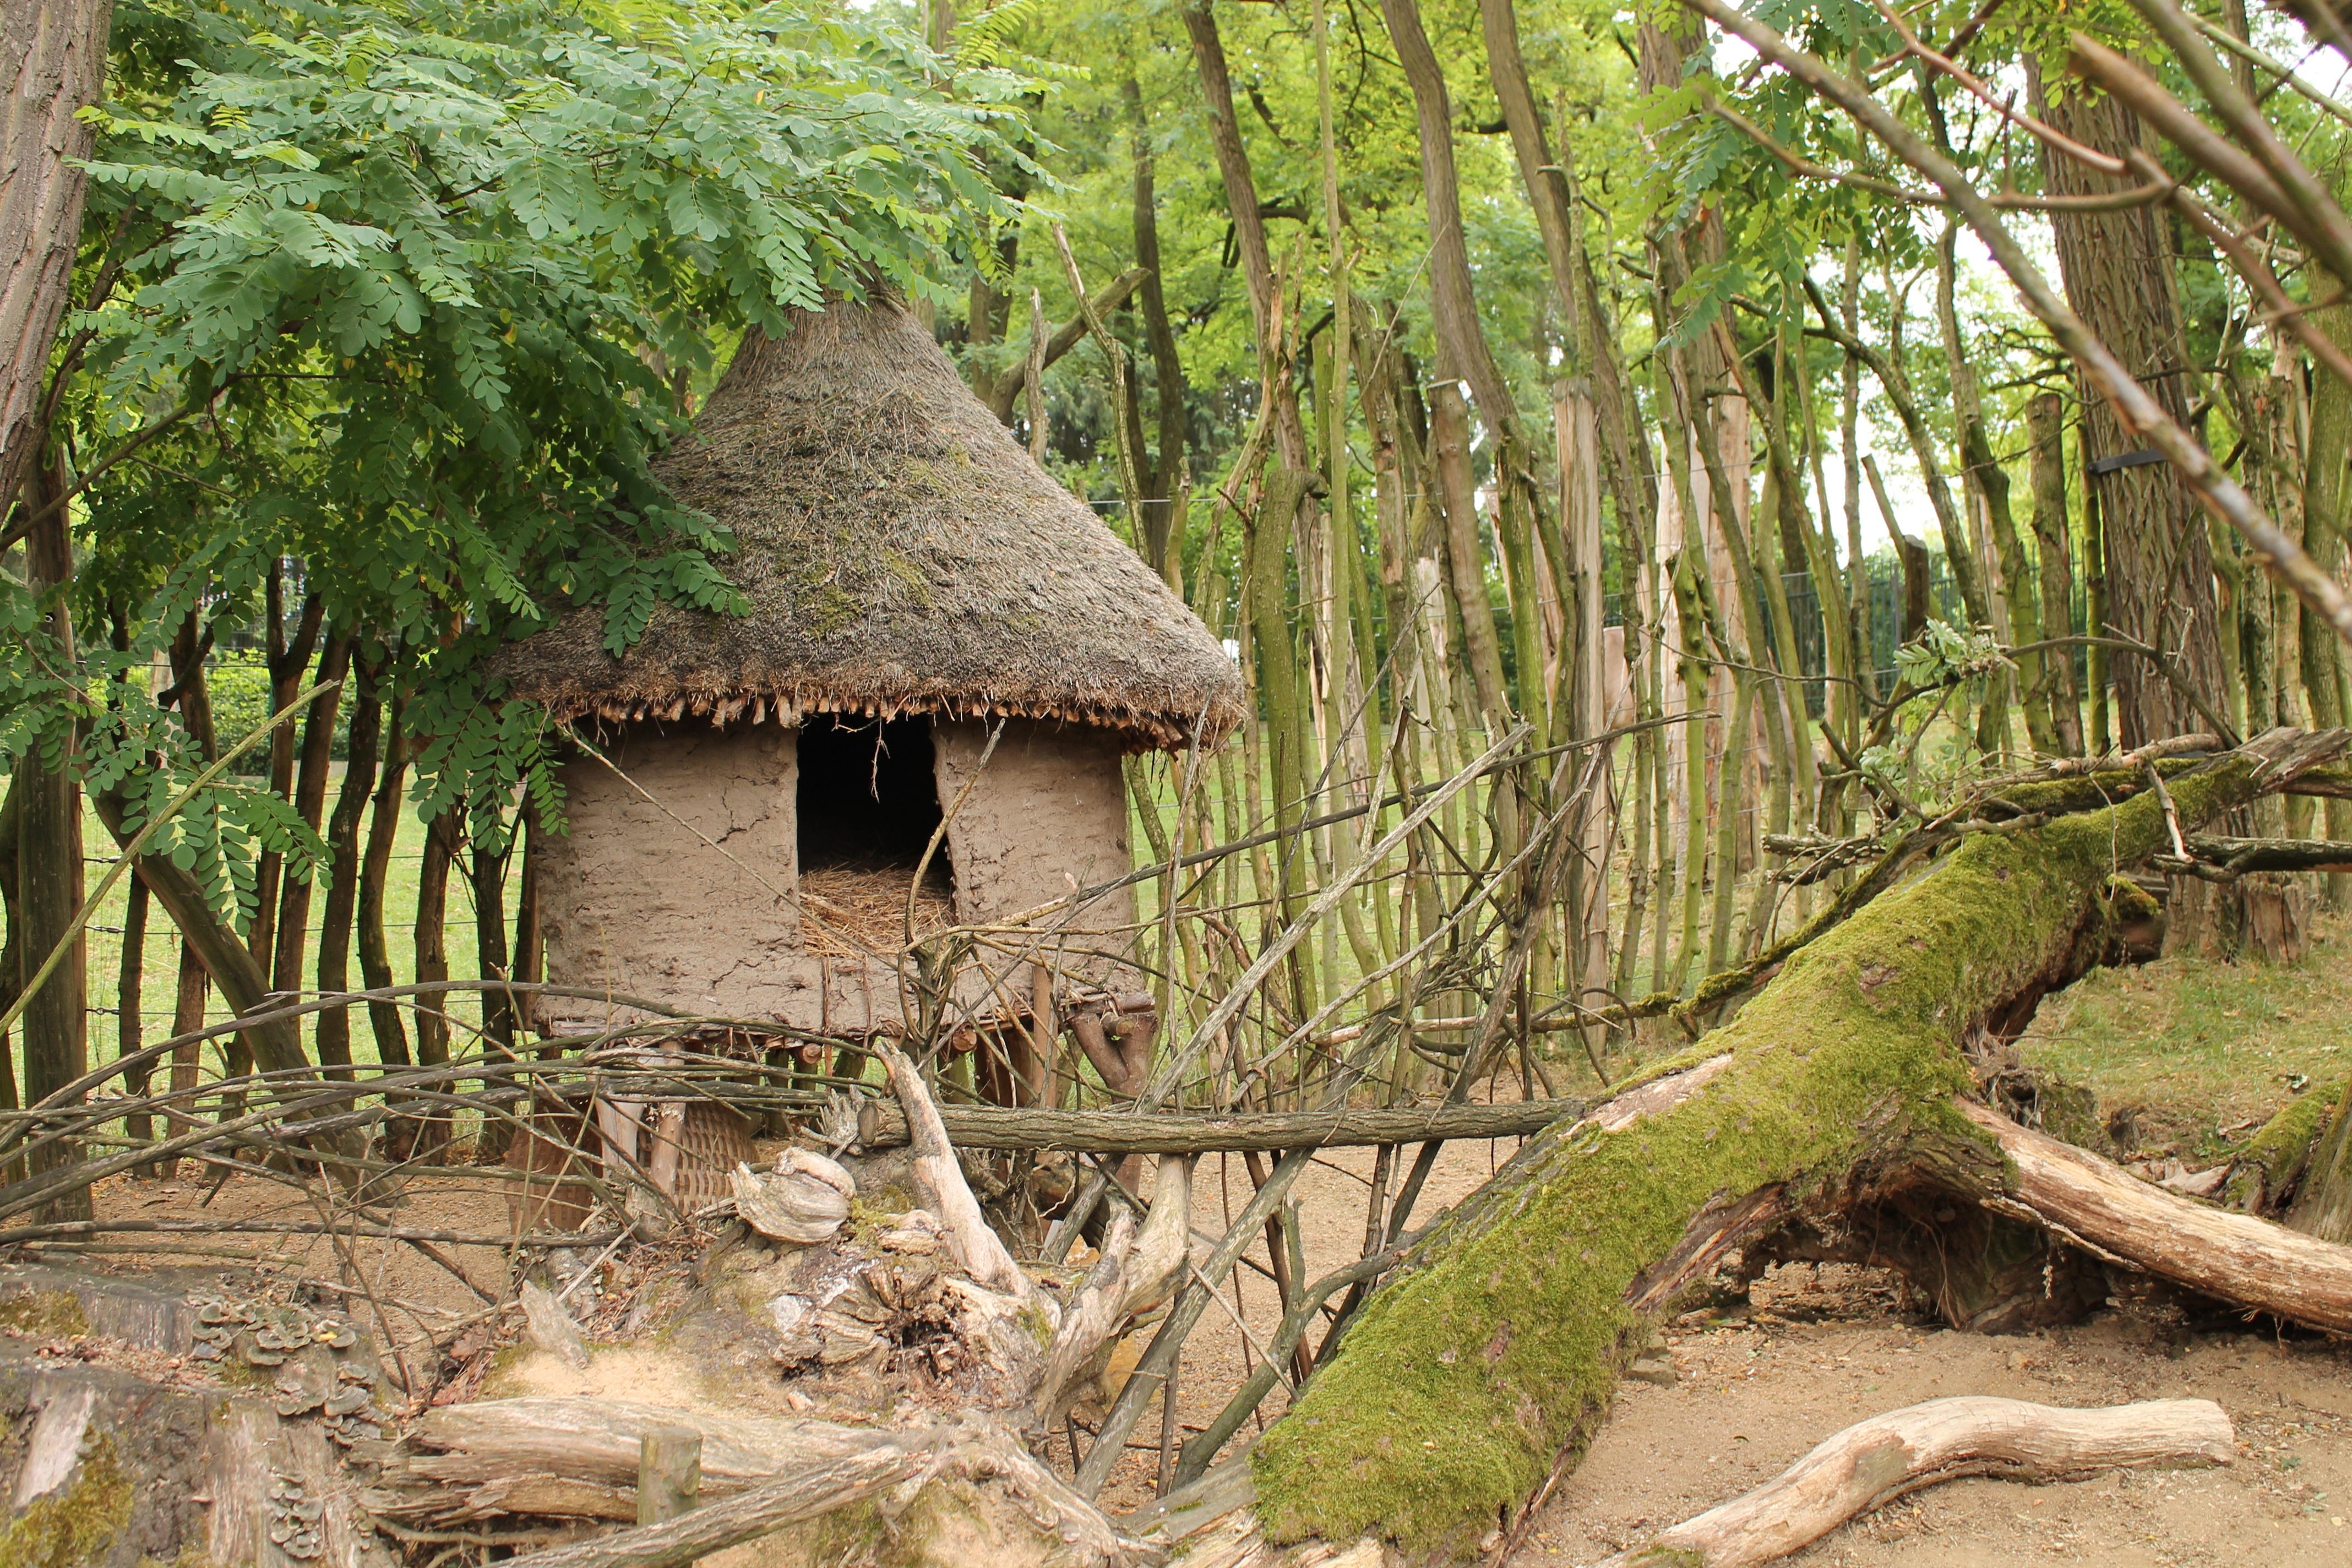 Gambar Pohon Pondok Margasatwa Rimba Afrika Ketegangan Hutan